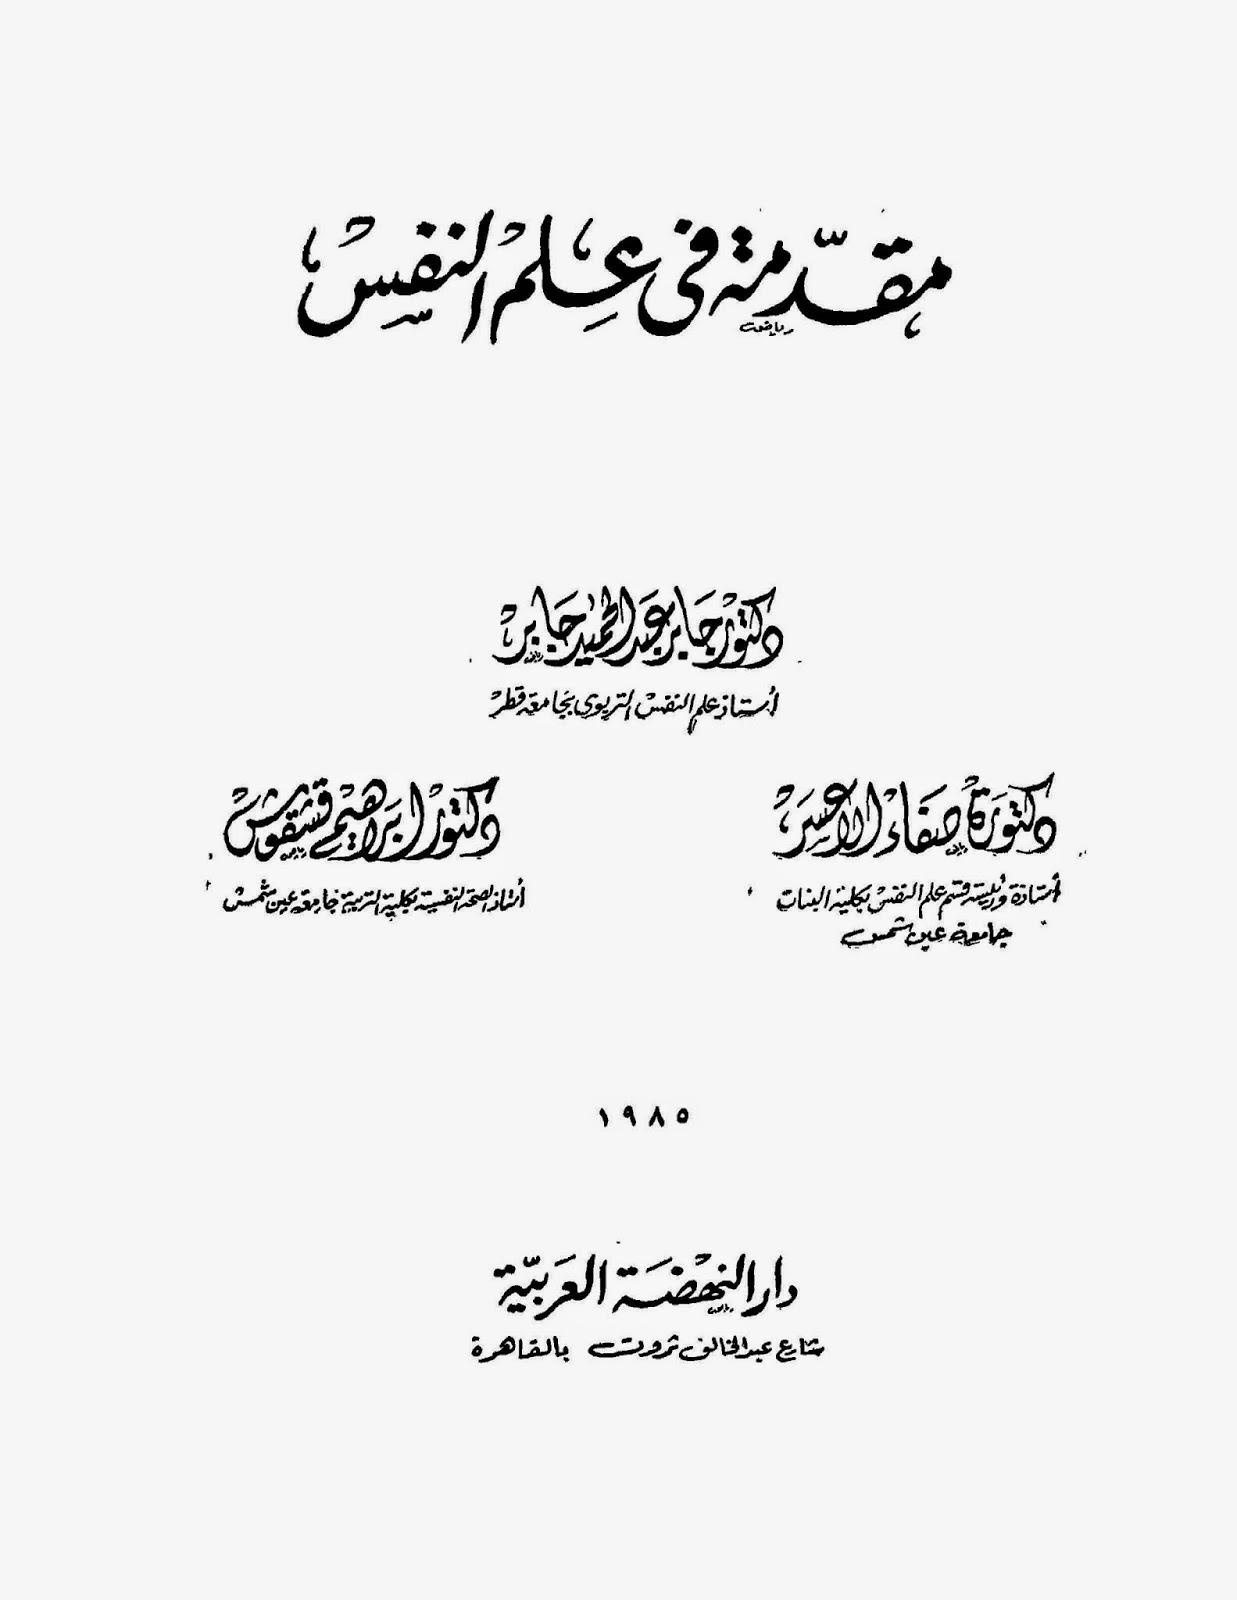 مقدمة في علم النفس لـ مجموعة من الكتاب